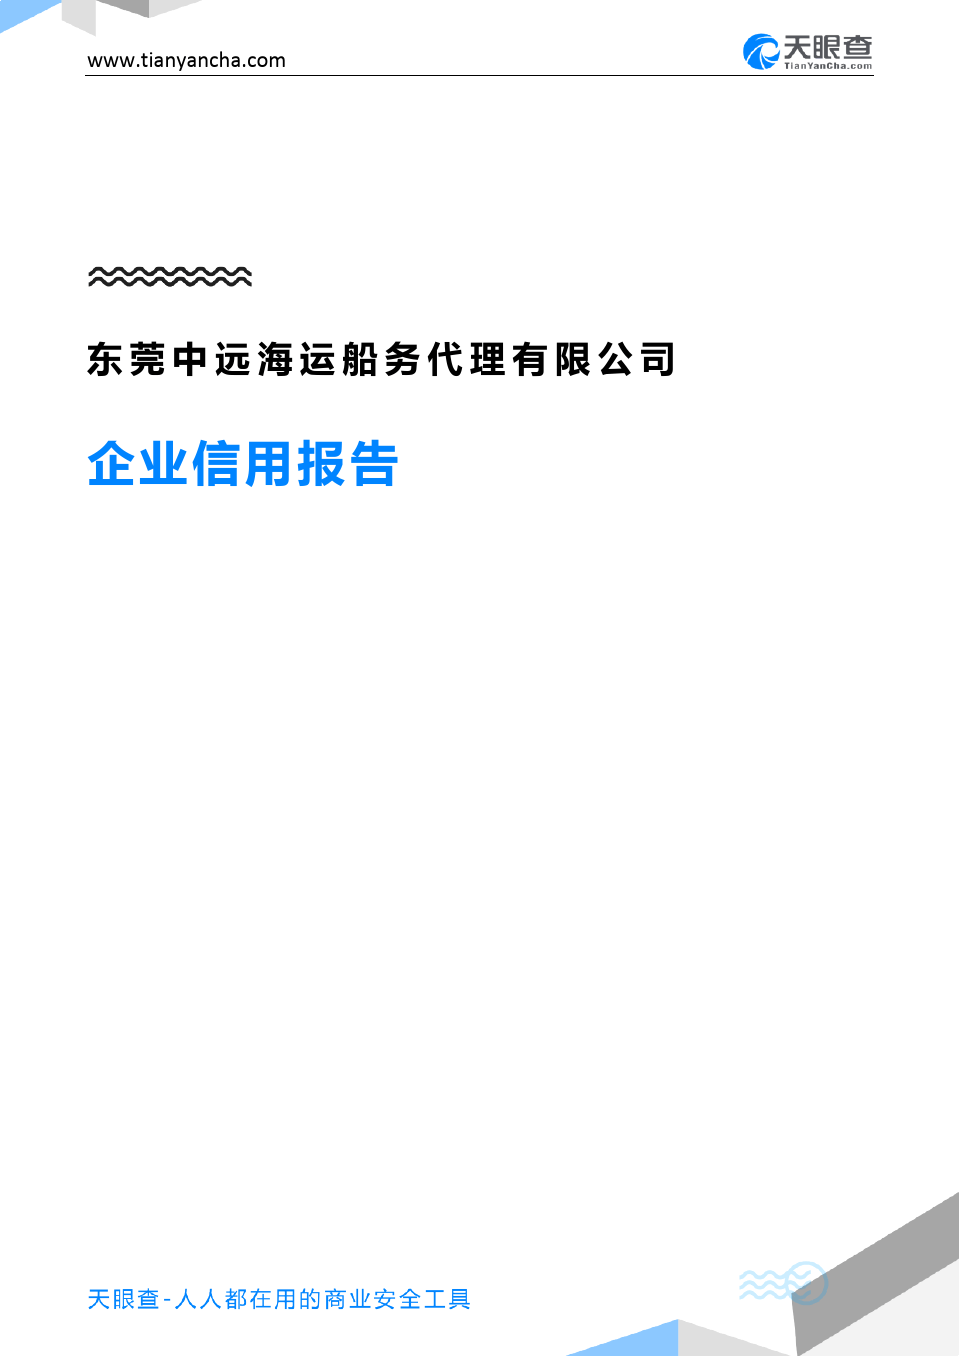 东莞中远海运船务代理有限公司(企业信用报告)- 天眼查